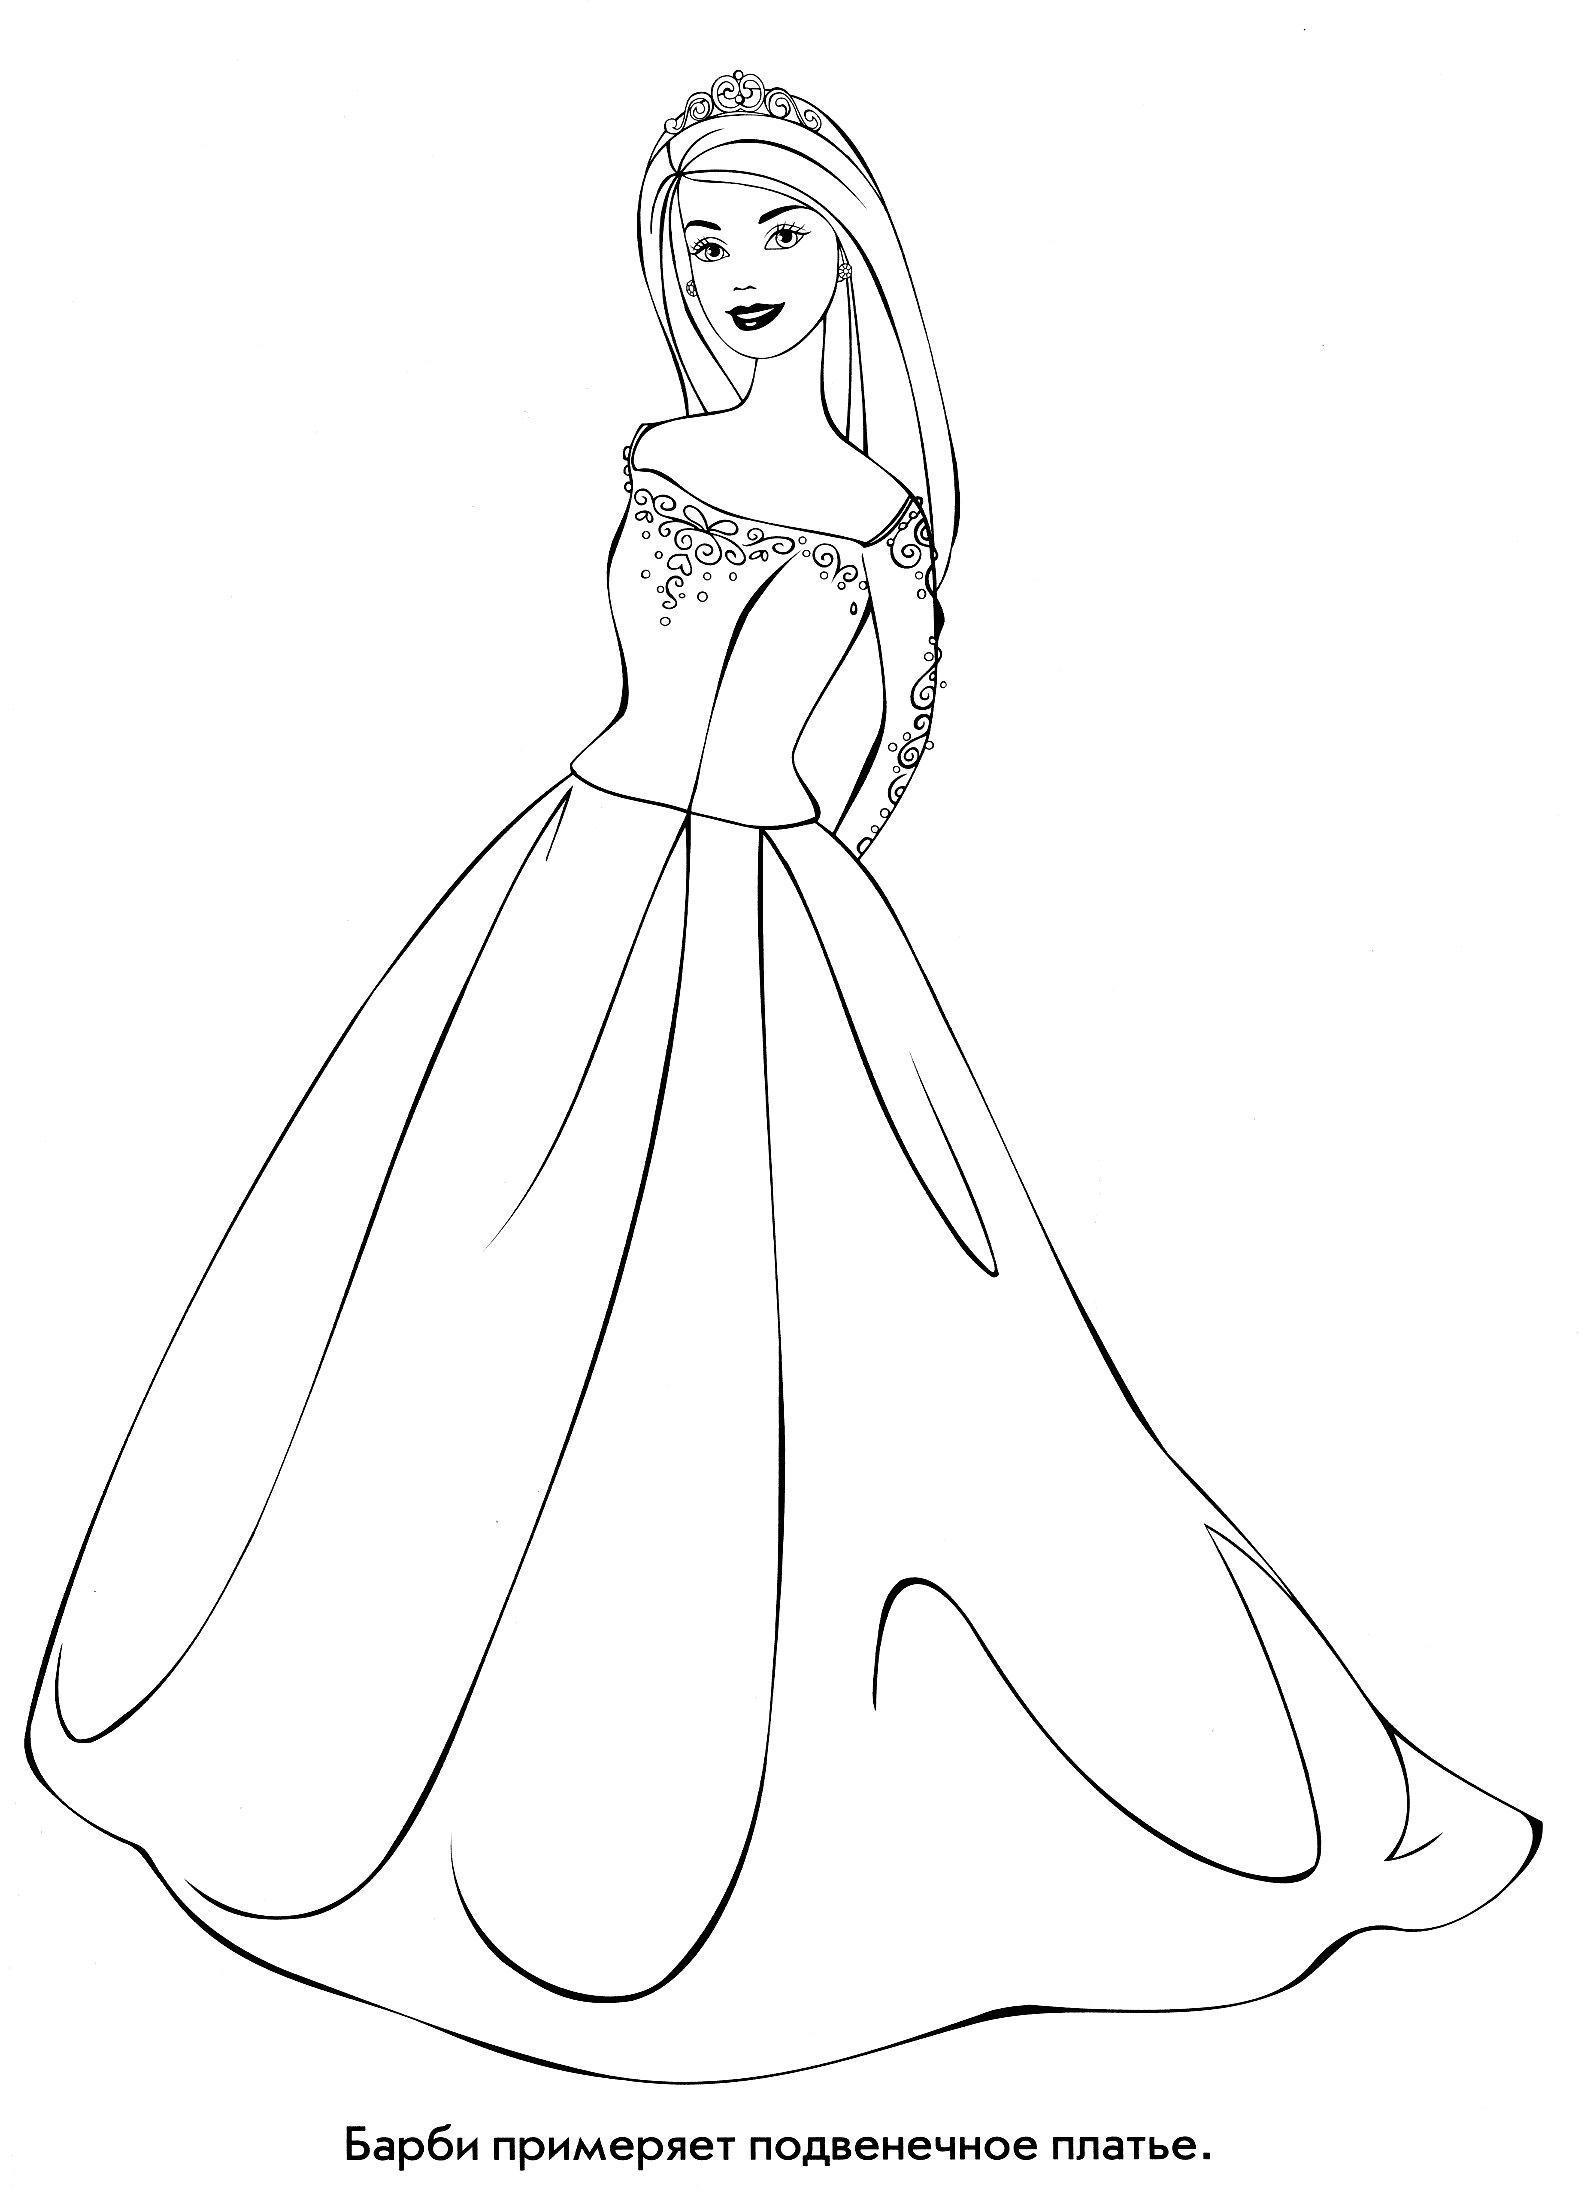 Барби в подвенечном платье Раскраски с цветами распечатать бесплатно